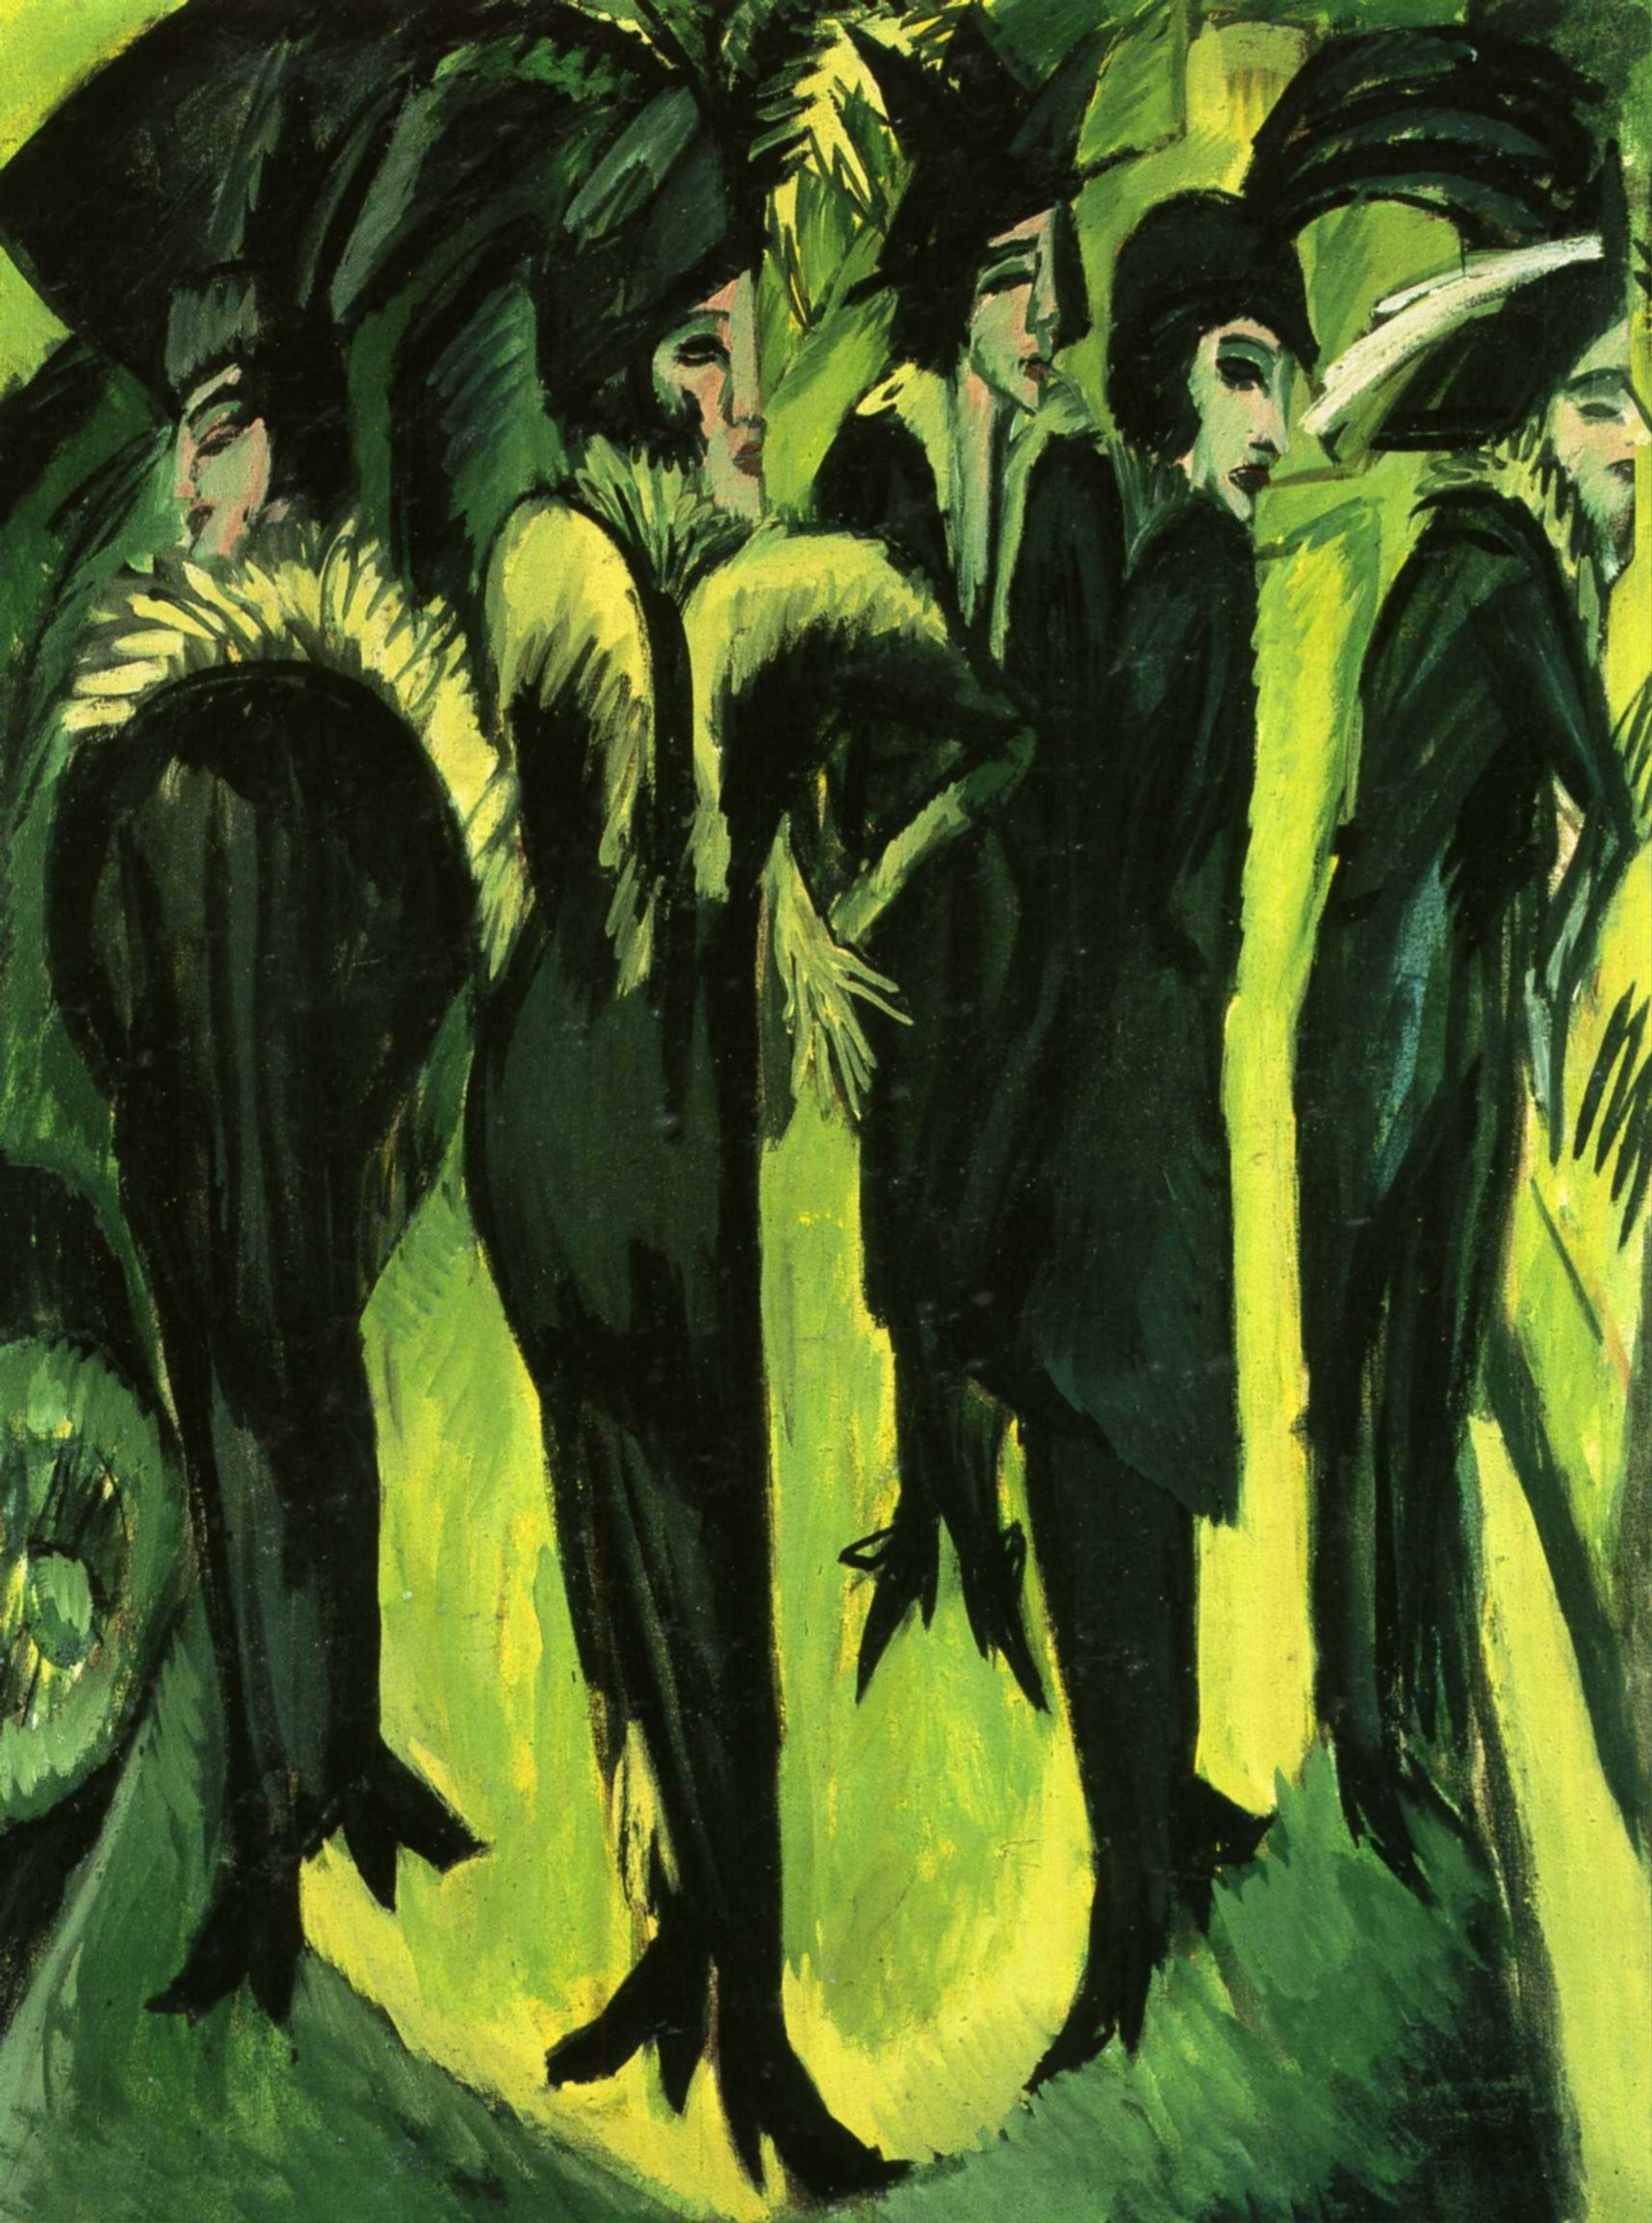 Эрнст Людвиг Кирхнер (1880 — 1938) — немецкий художник, график и скульптор, представитель экспрессионизма. 1913. «Пять женщин на улице»